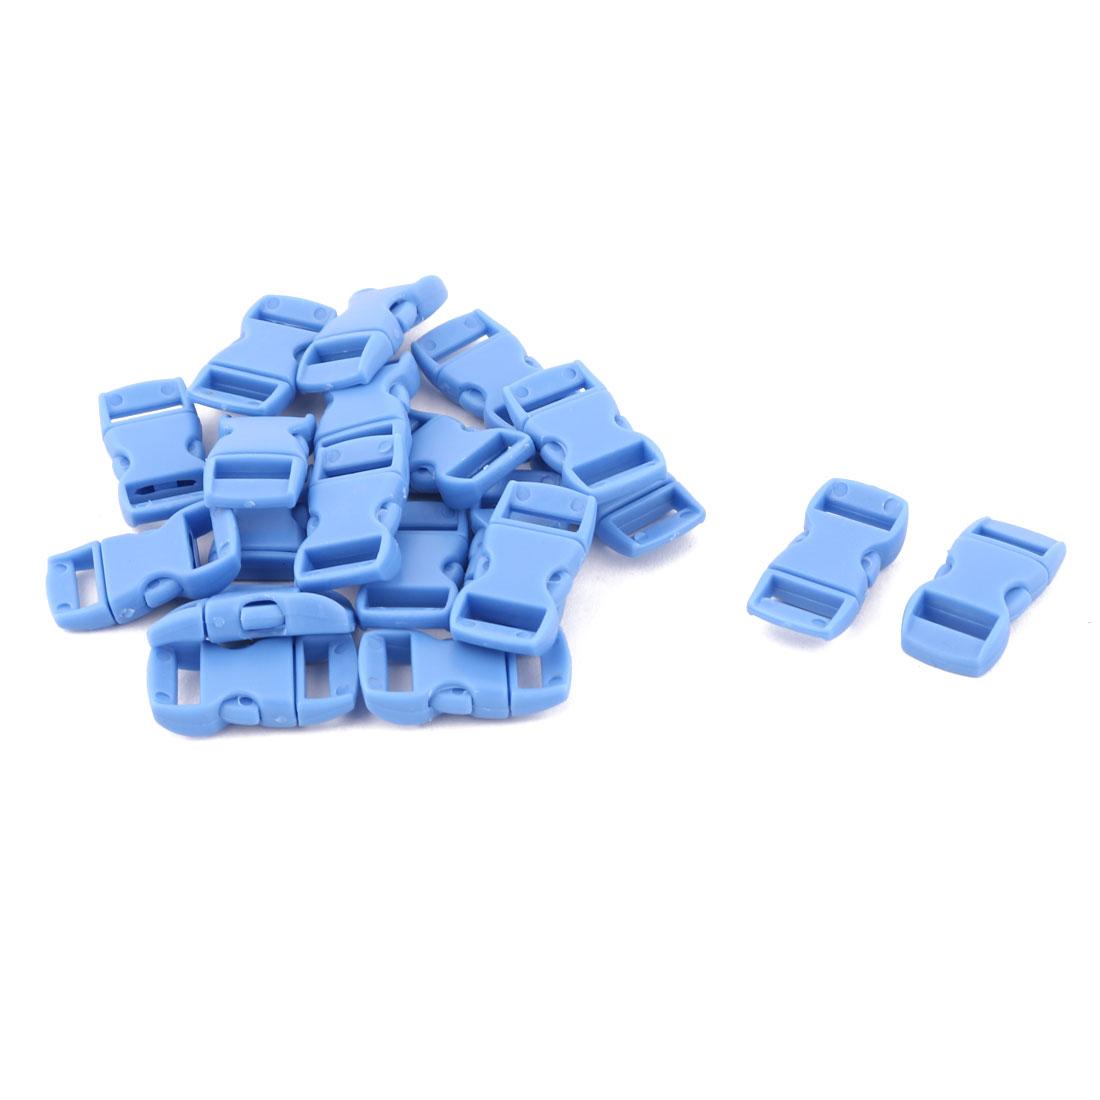 Backpack Bag Plastic Strap Belt Adjustive Connecting Quick Release Buckle Blue 20 Pcs